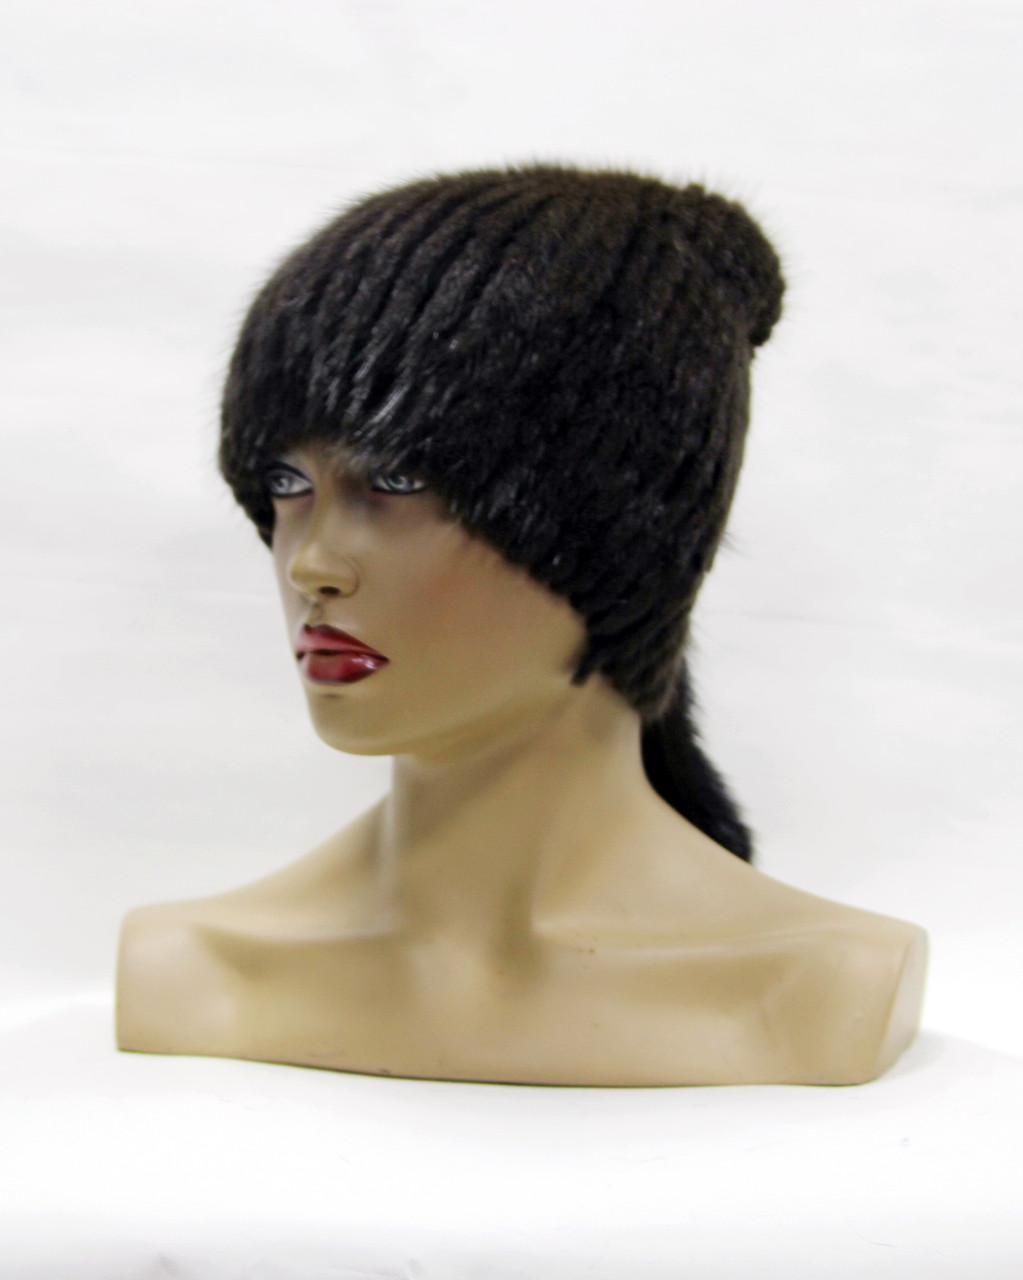 шапка норковая на вязаной основе хвост ткор продажа цена в